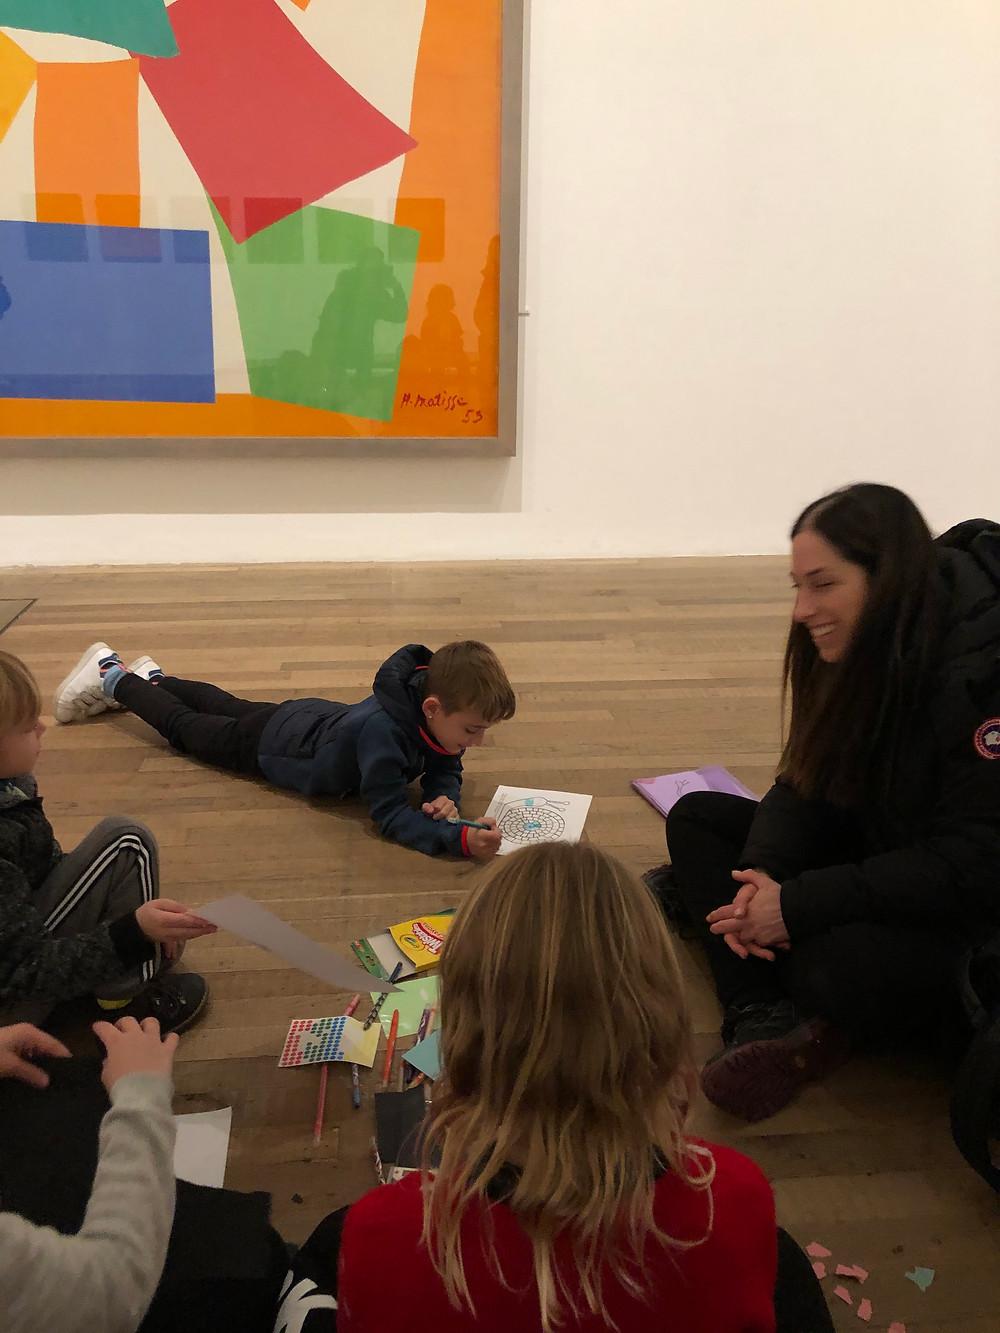 סיורי אמנות בלונדון לכל המשפחה